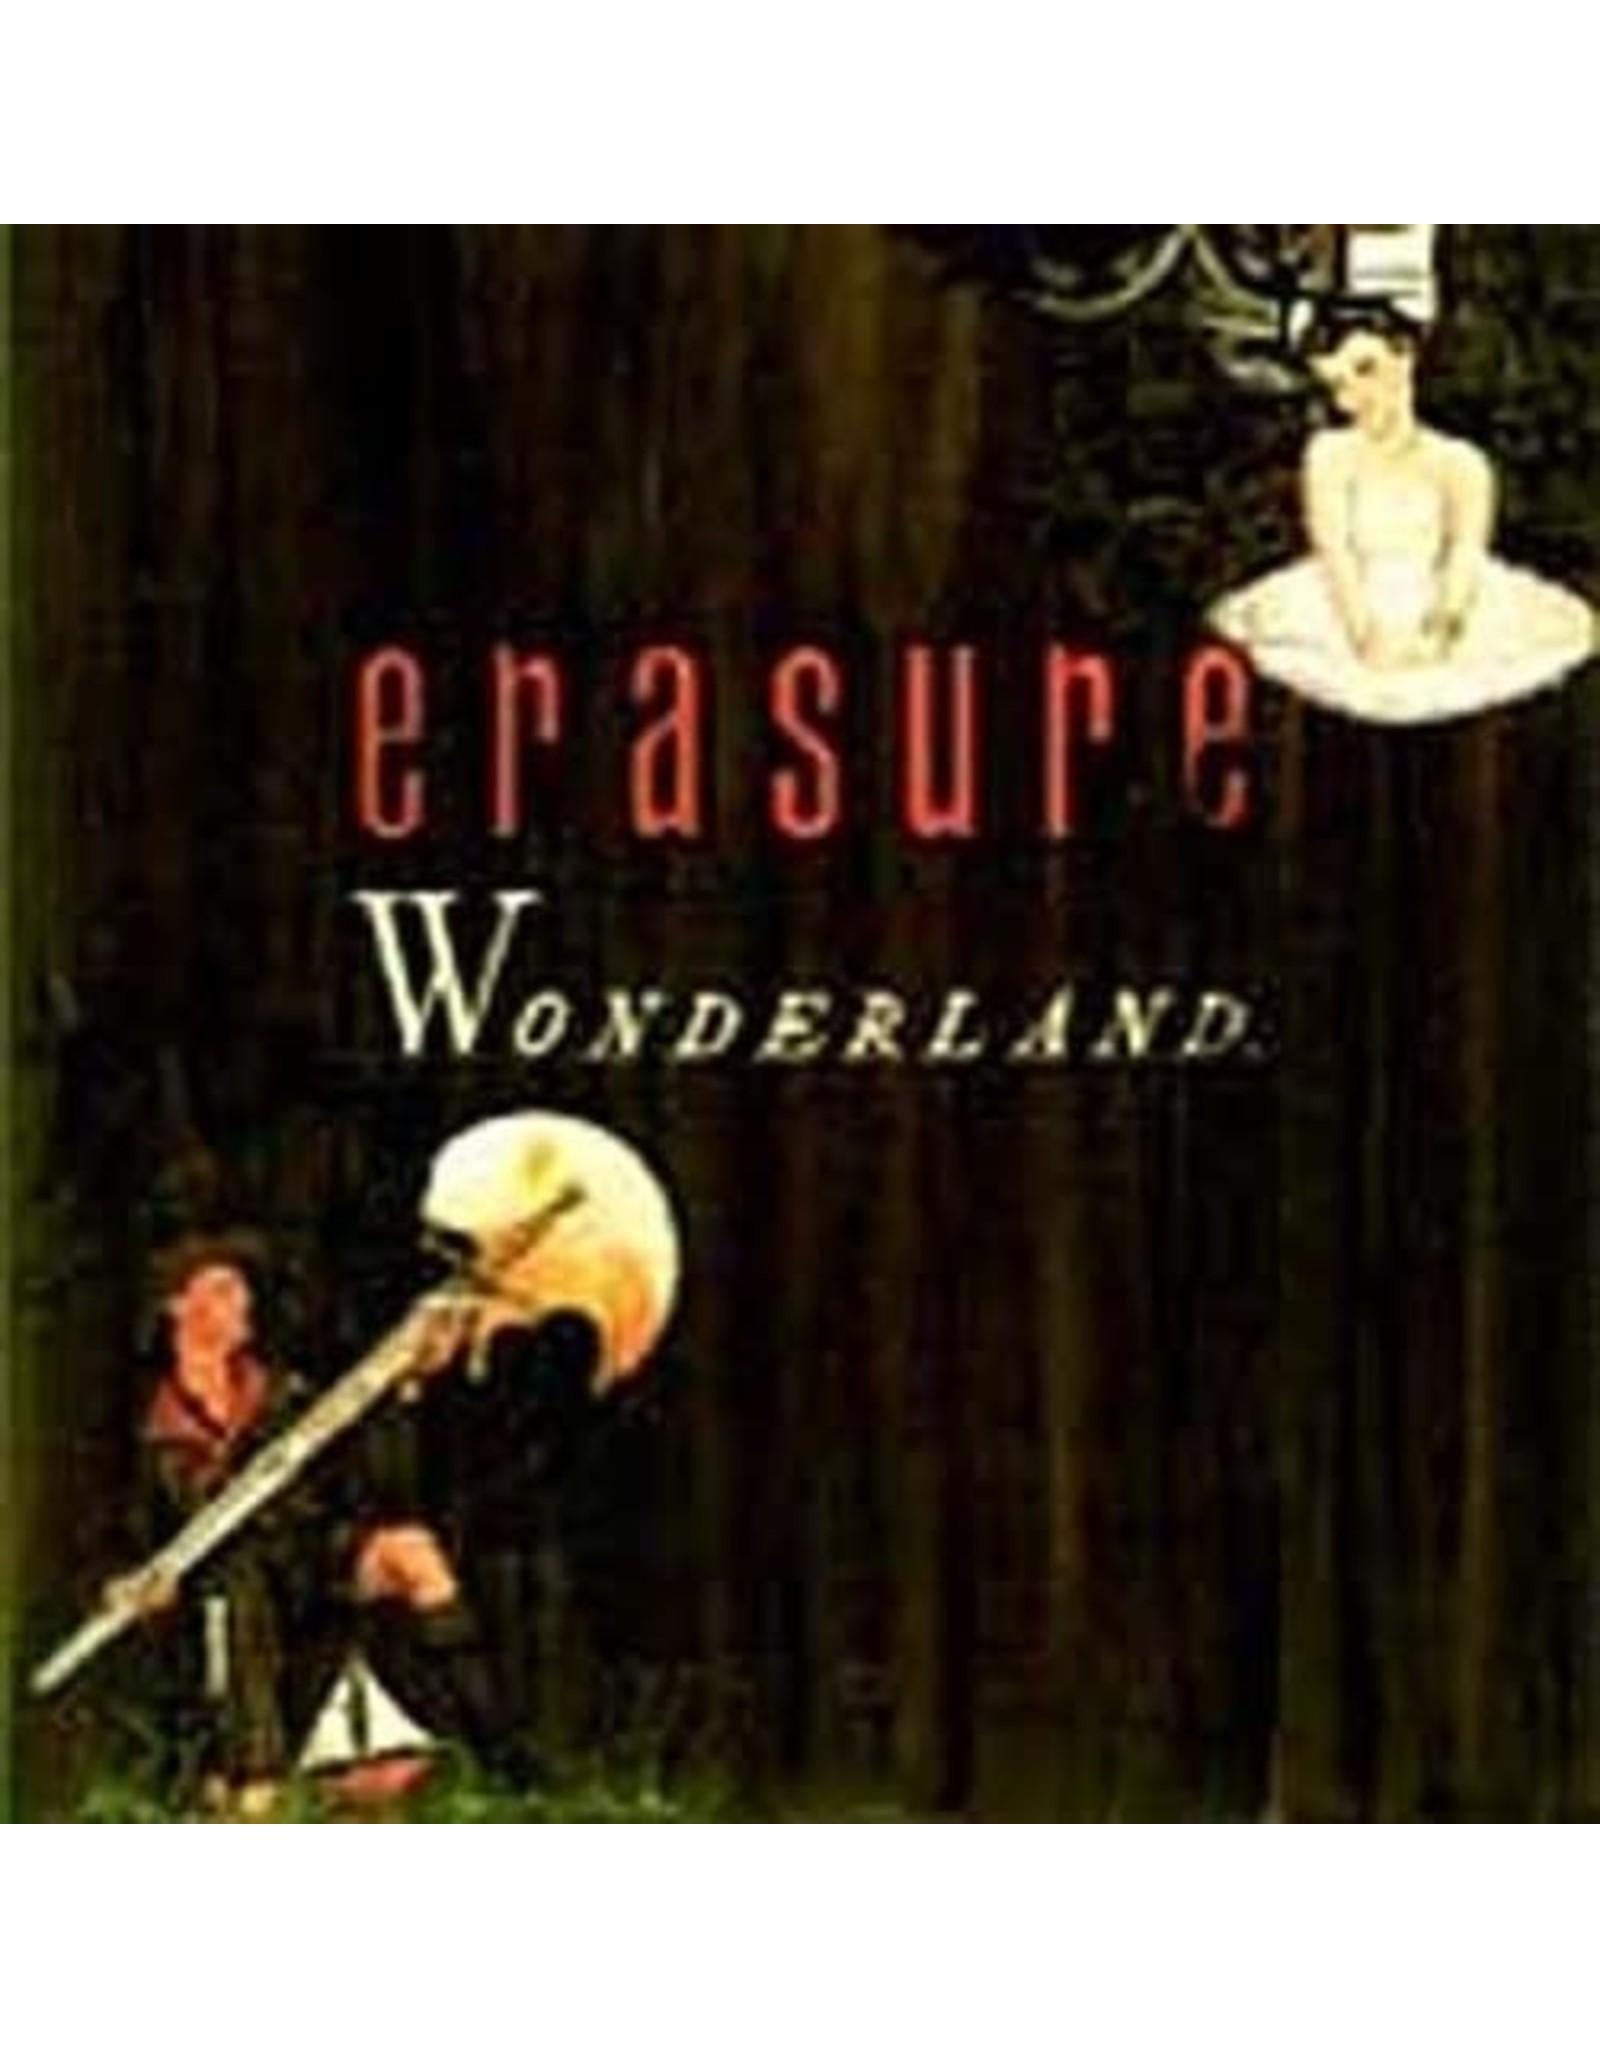 New Vinyl Erasure - Wonderland LP